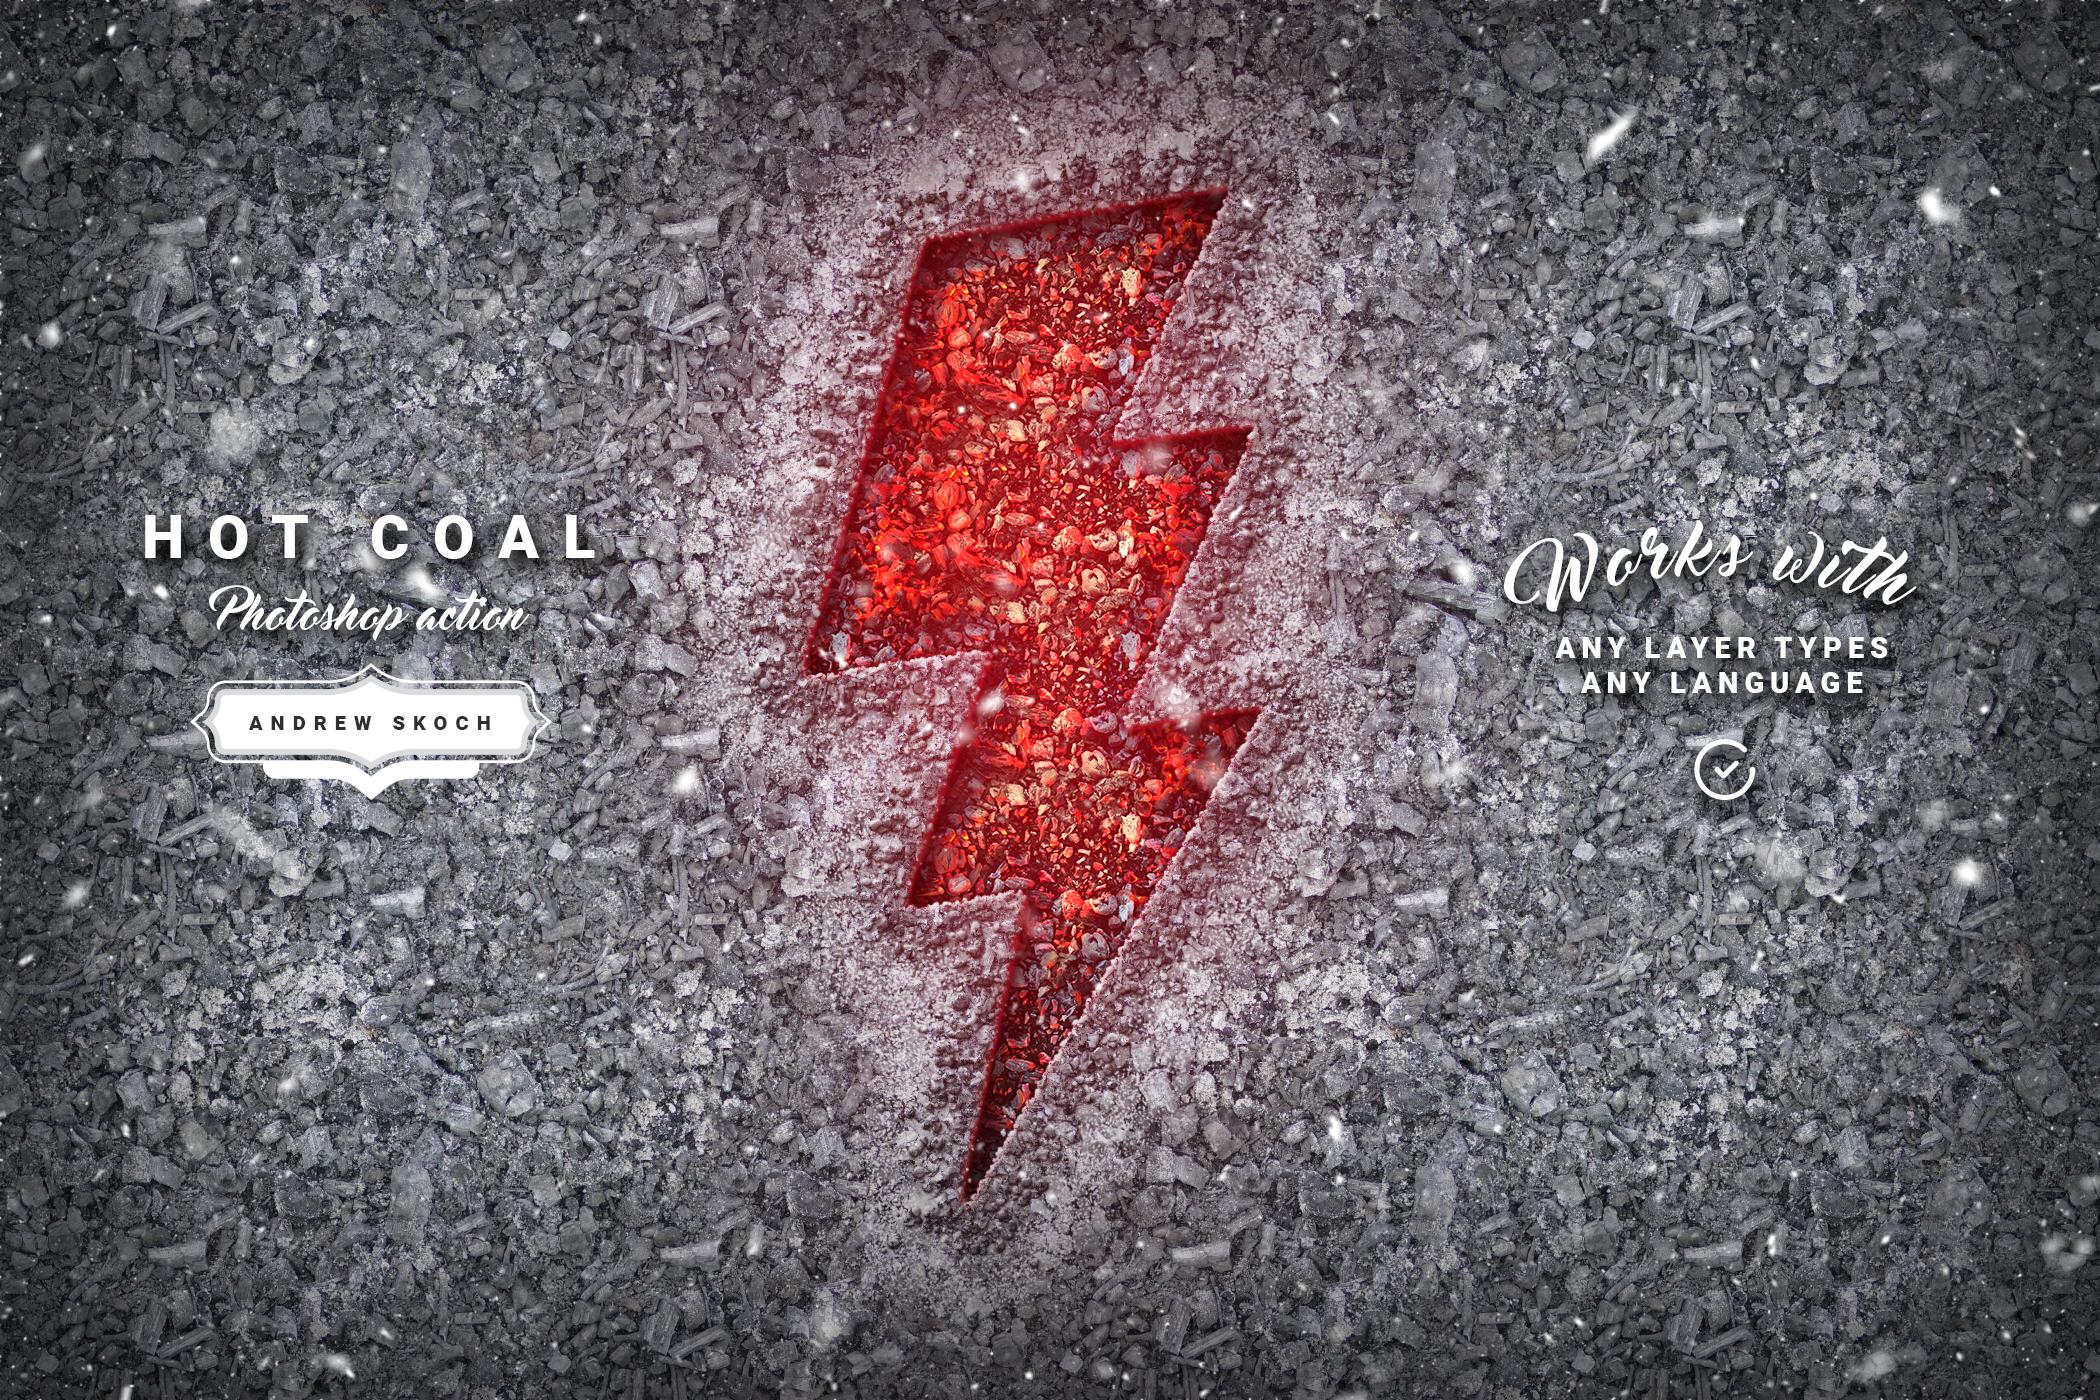 热煤-Photoshop动作灼热PS笔刷酷热纹理插图4